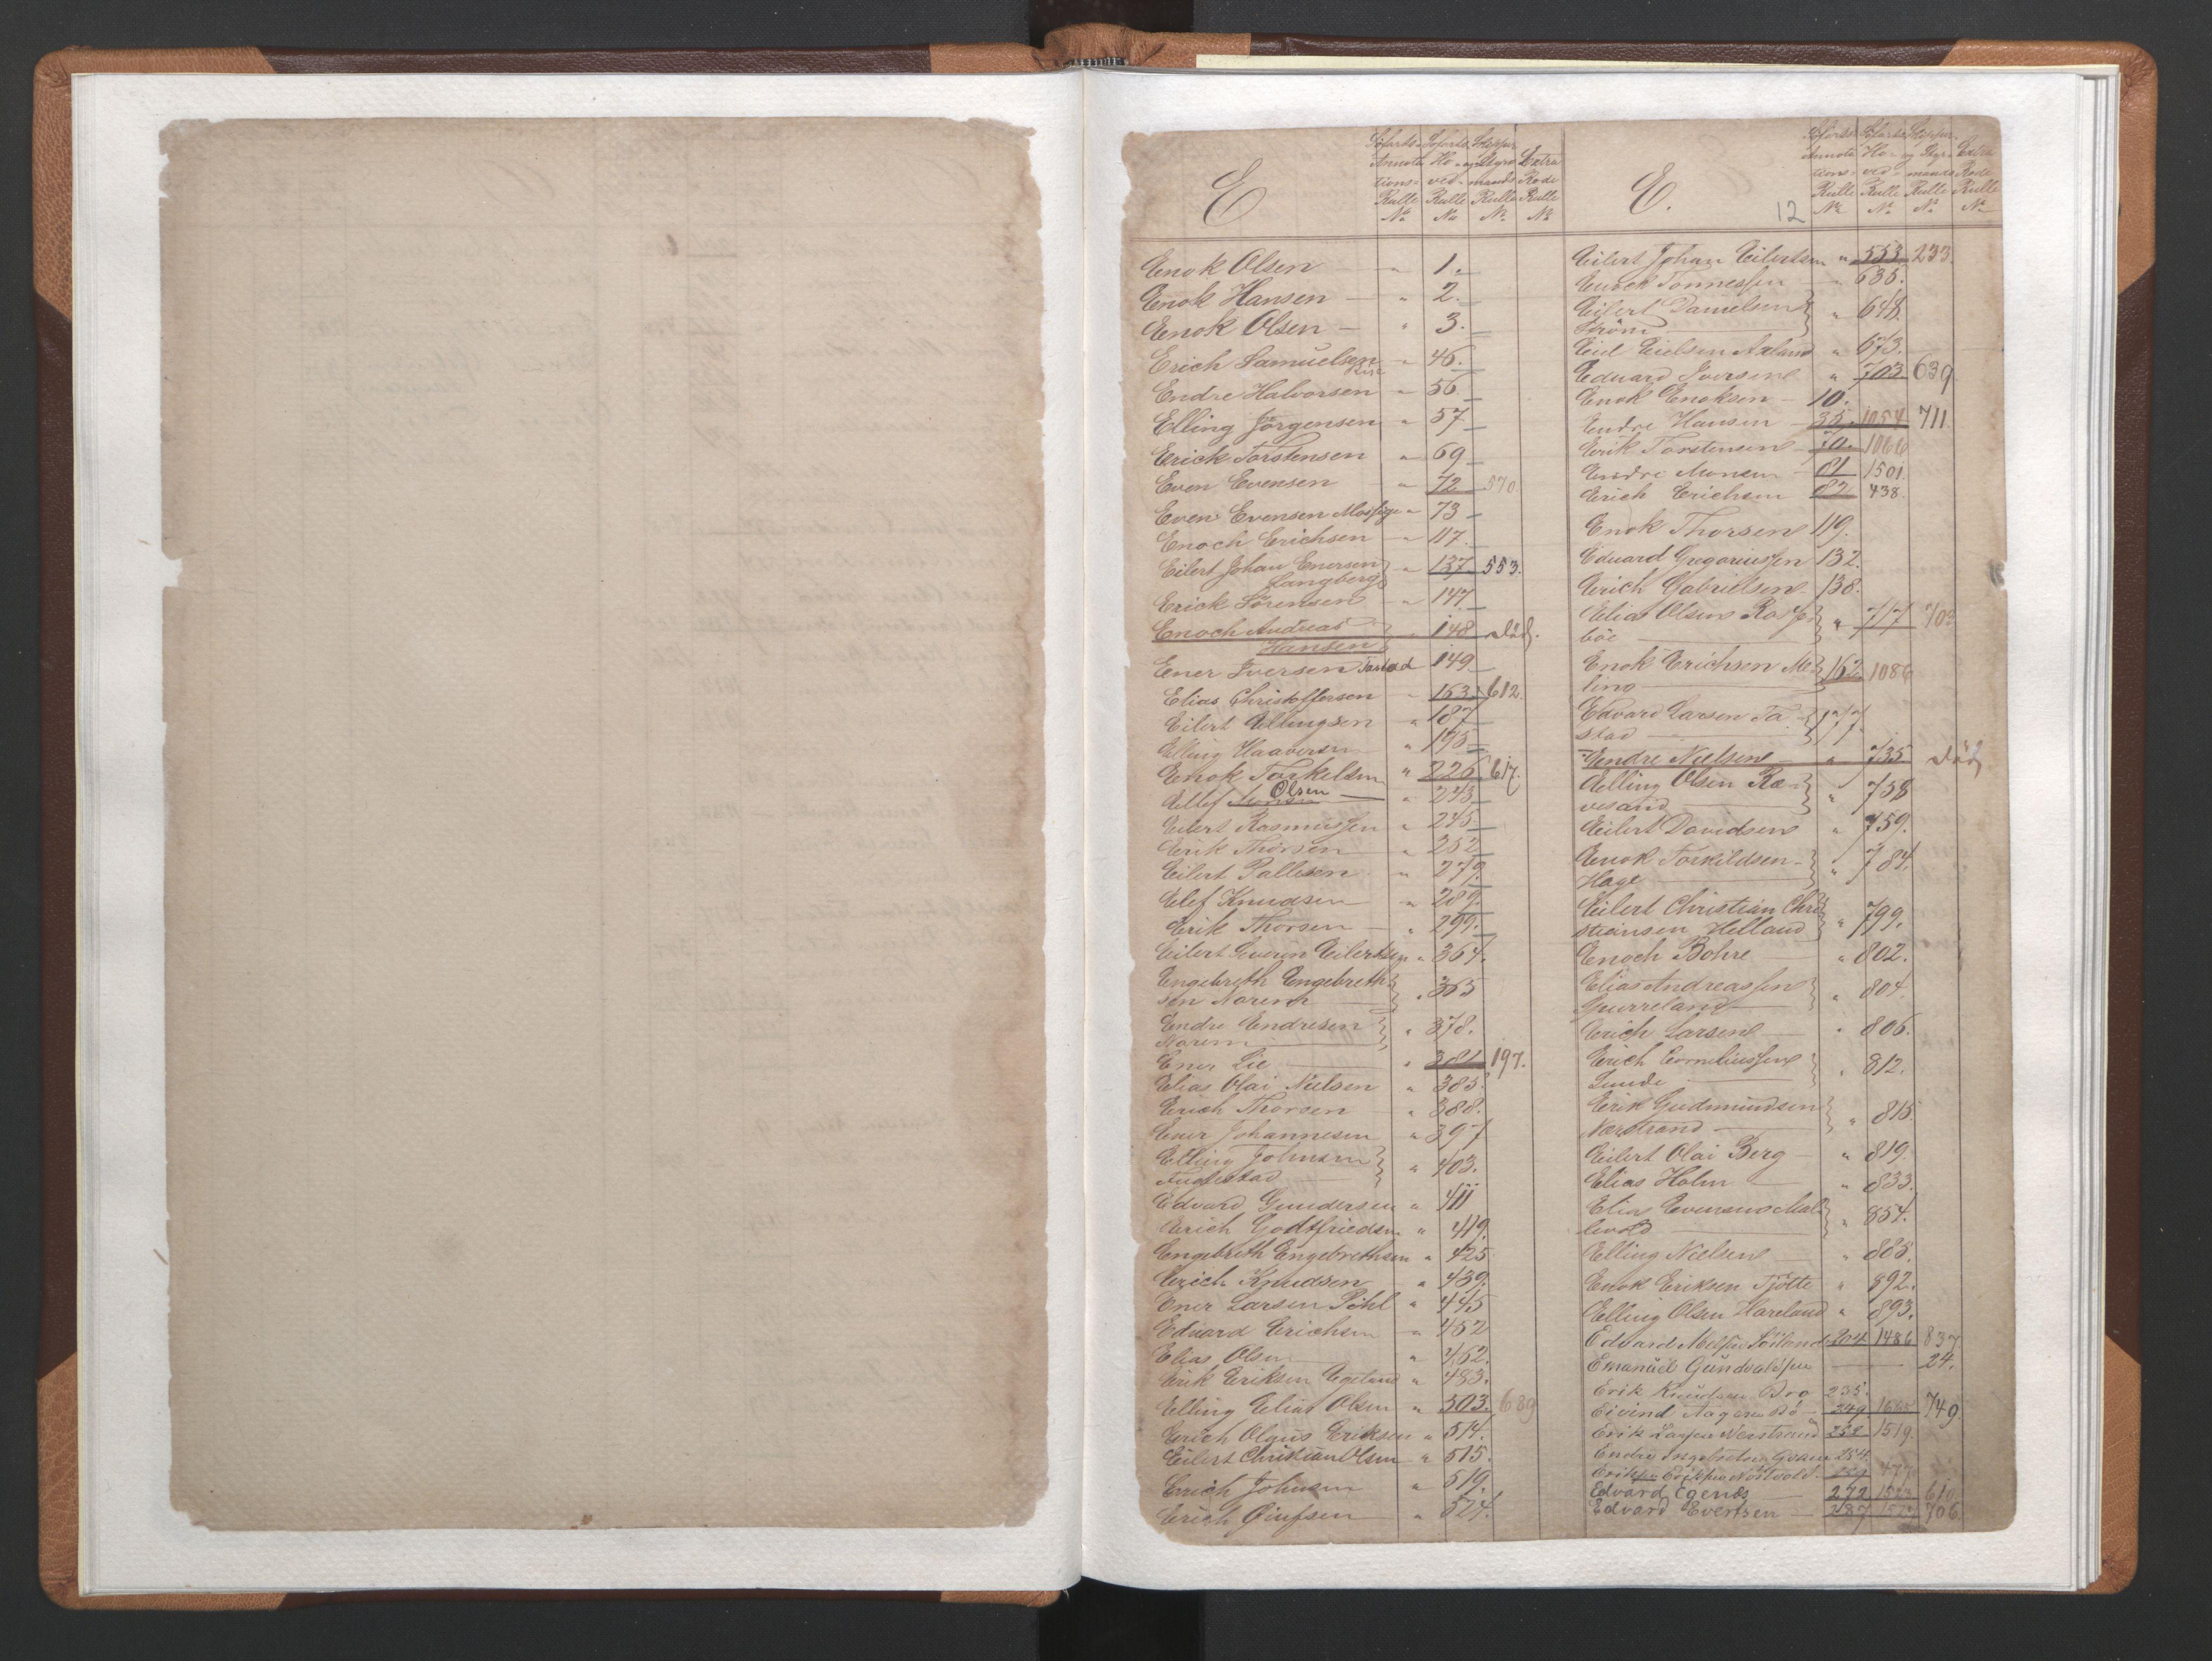 SAST, Stavanger sjømannskontor, F/Fb/Fba/L0002: Navneregister sjøfartsruller, 1860-1869, s. 13